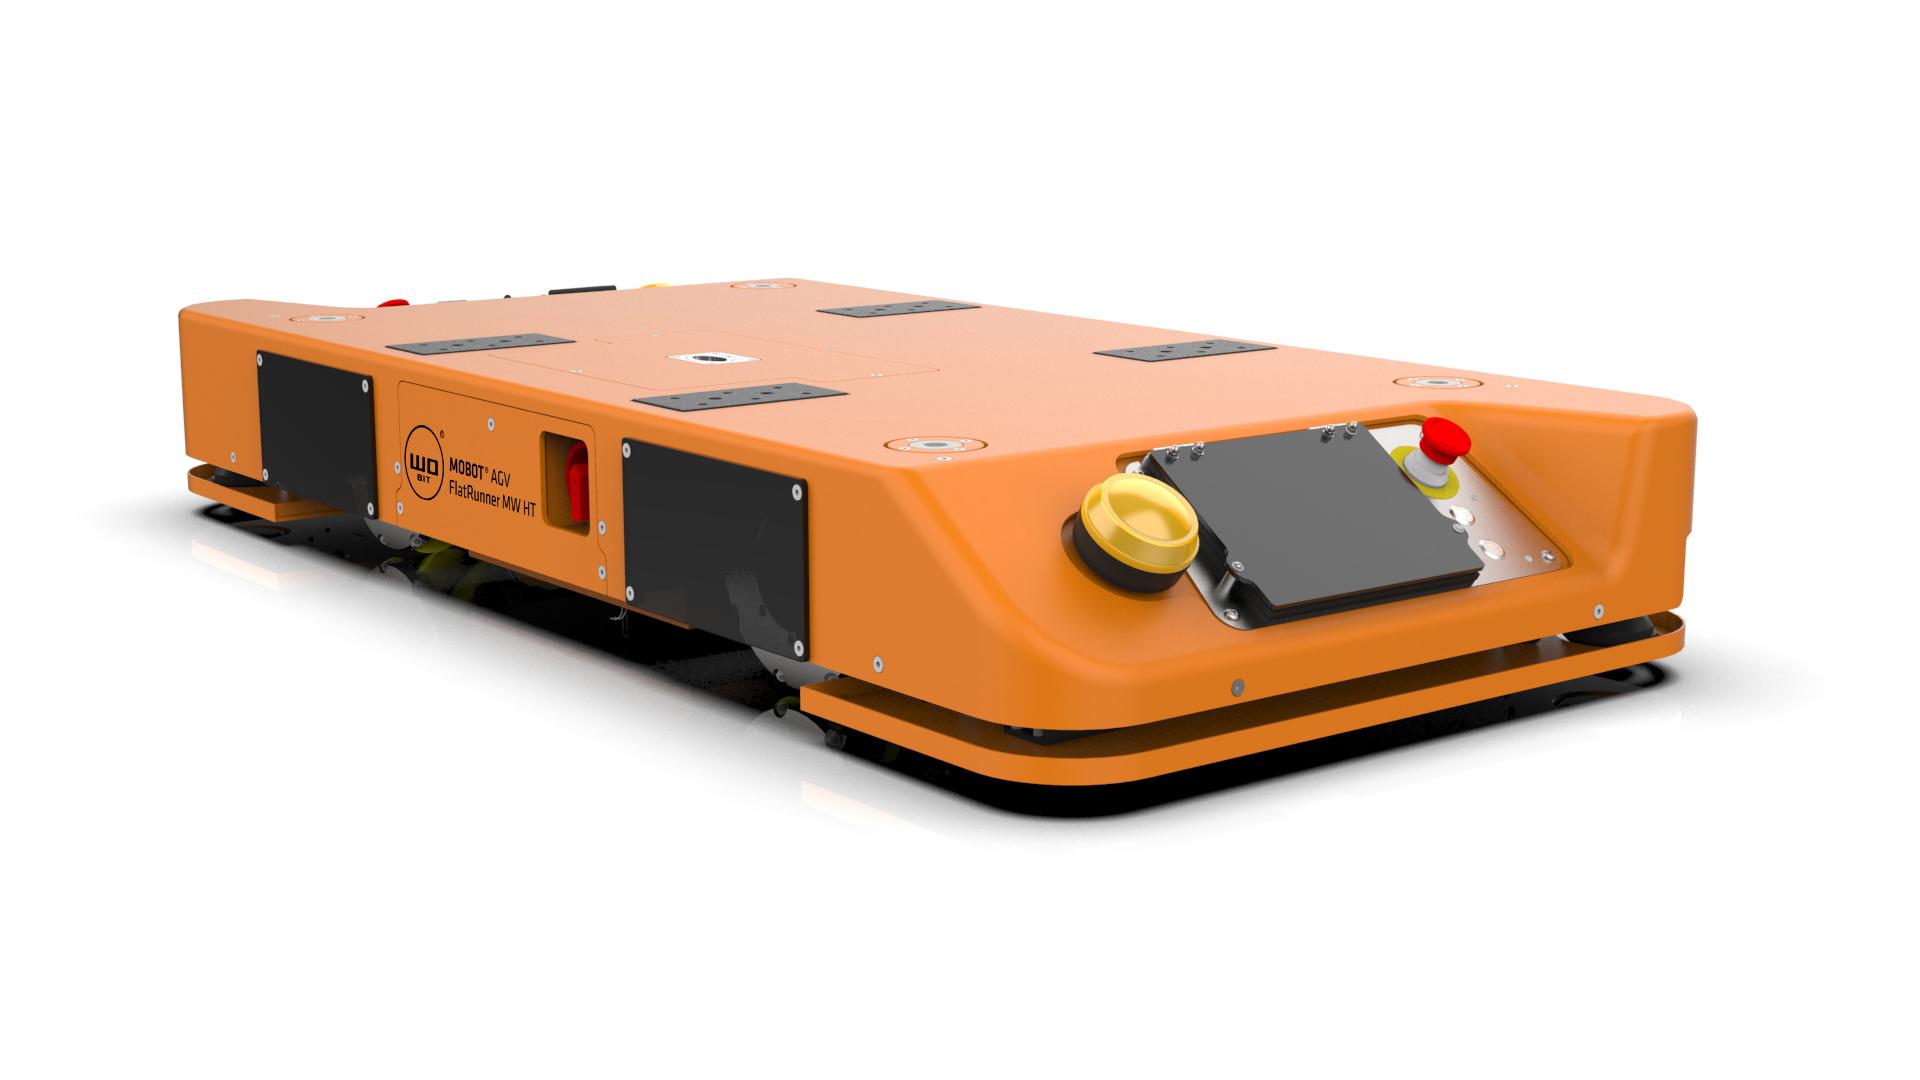 Efektywny transport ciężkich ładunków z nowym robotem mobilnym MOBOT® FlatRunner MW HT